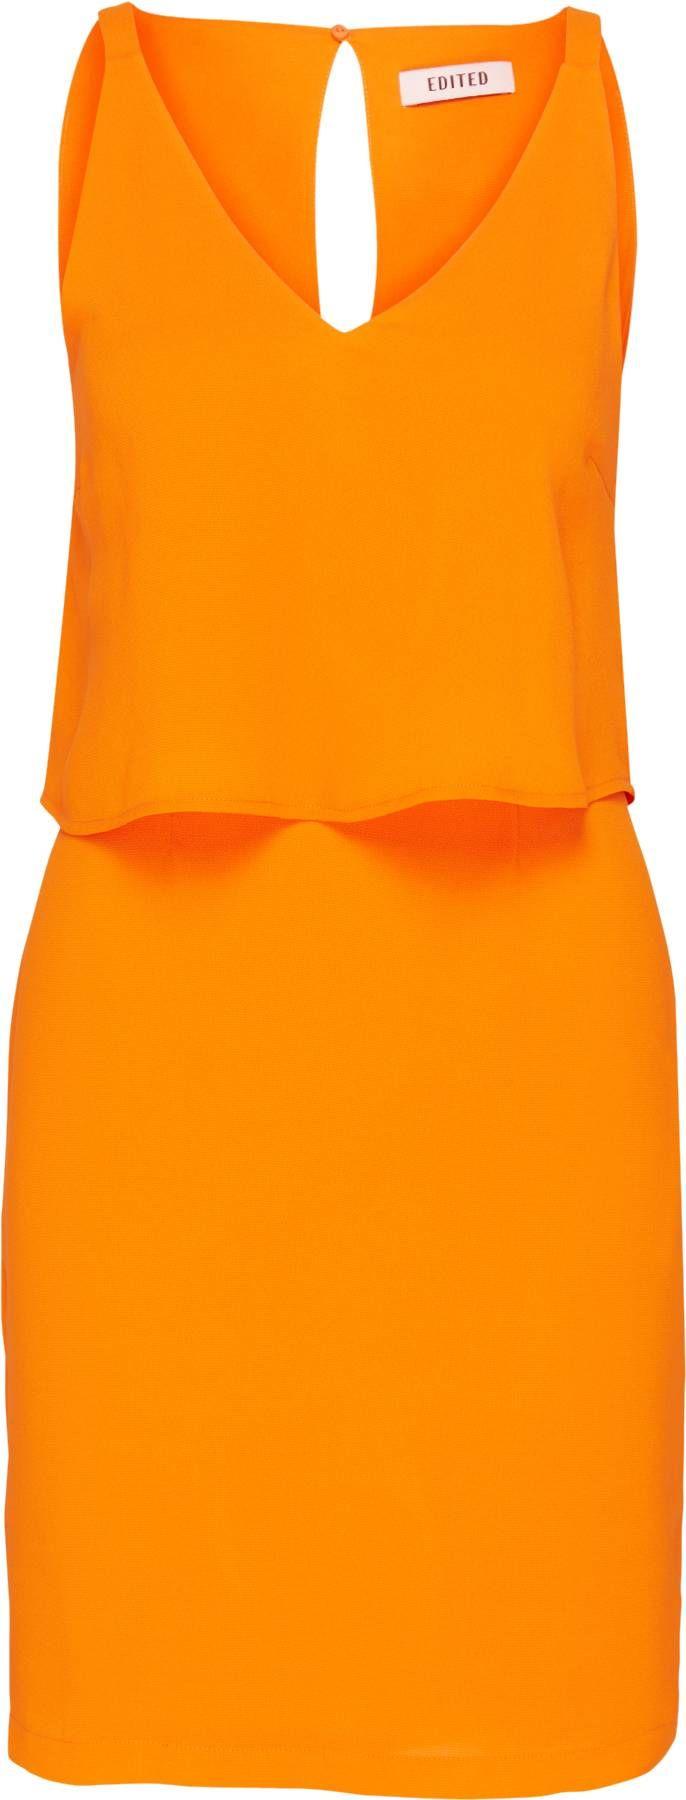 Dress 'Ventura' von EDITED The Label. Schnelle und kostenlose Lieferung. 100…